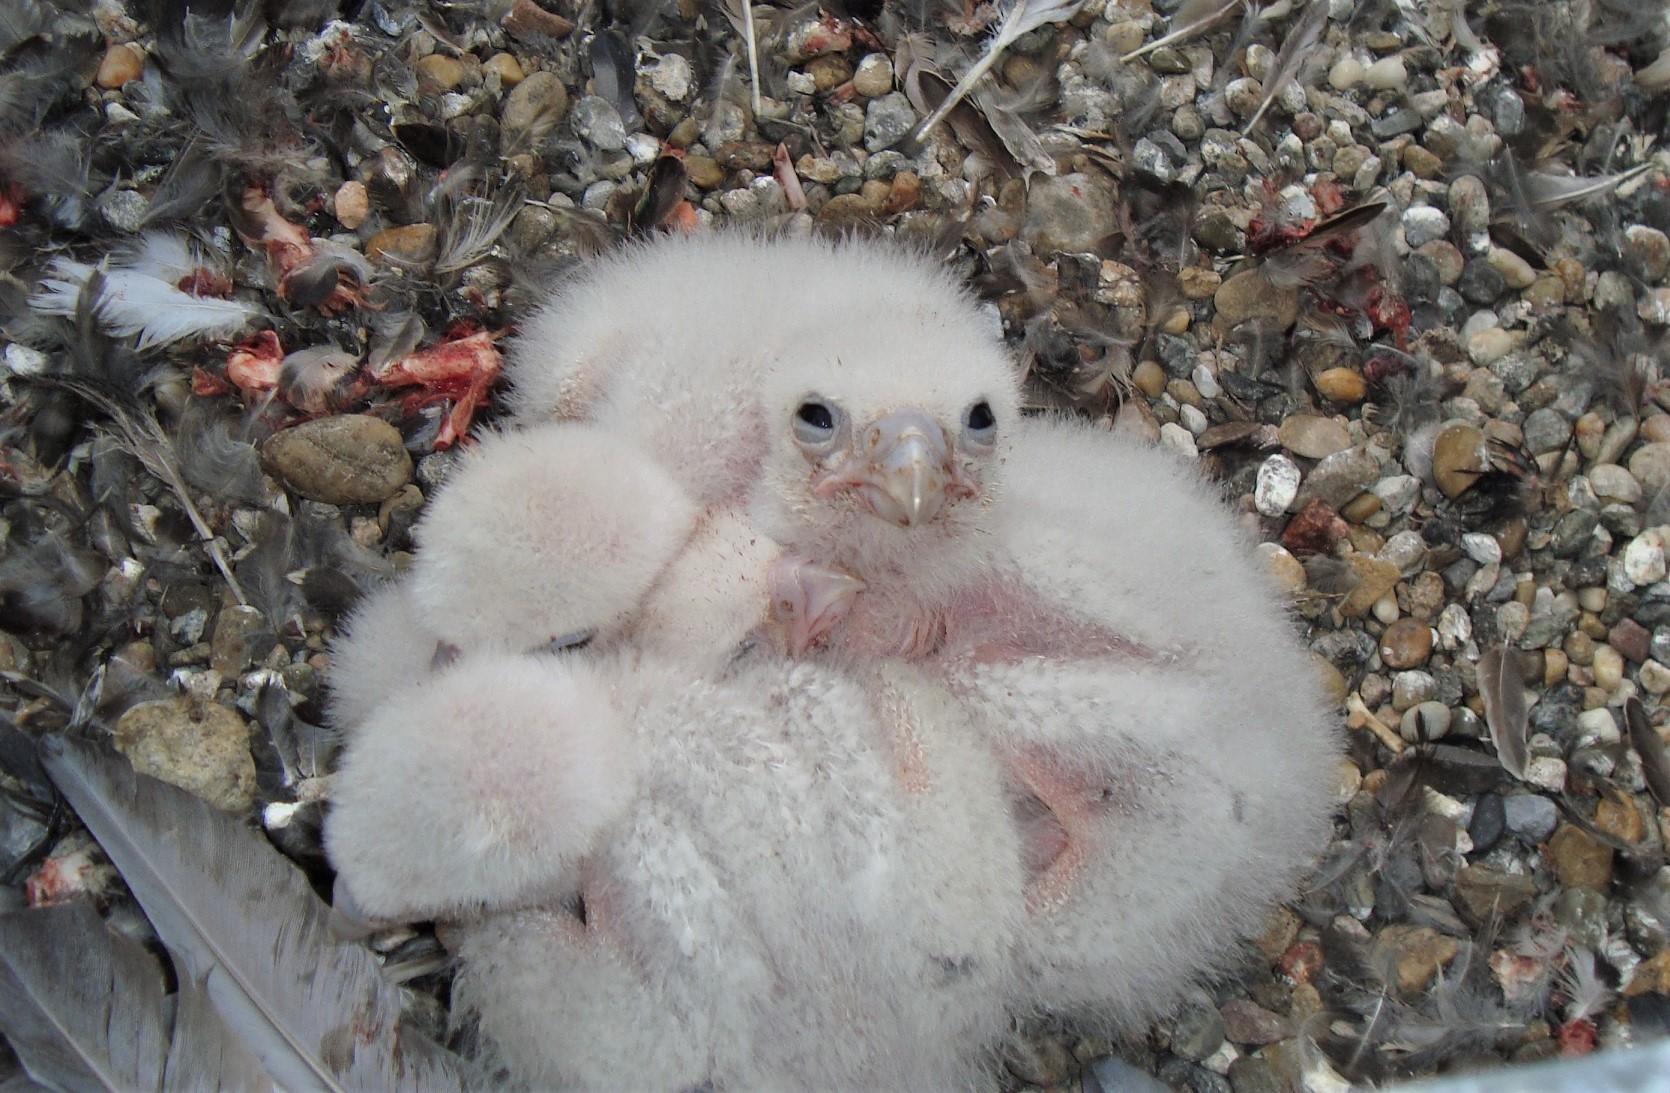 In der Regel werden 2-4 Eier gelegt. Kam es zu einer erfolgreichen Brut, so werden die Jungfalken beringt.